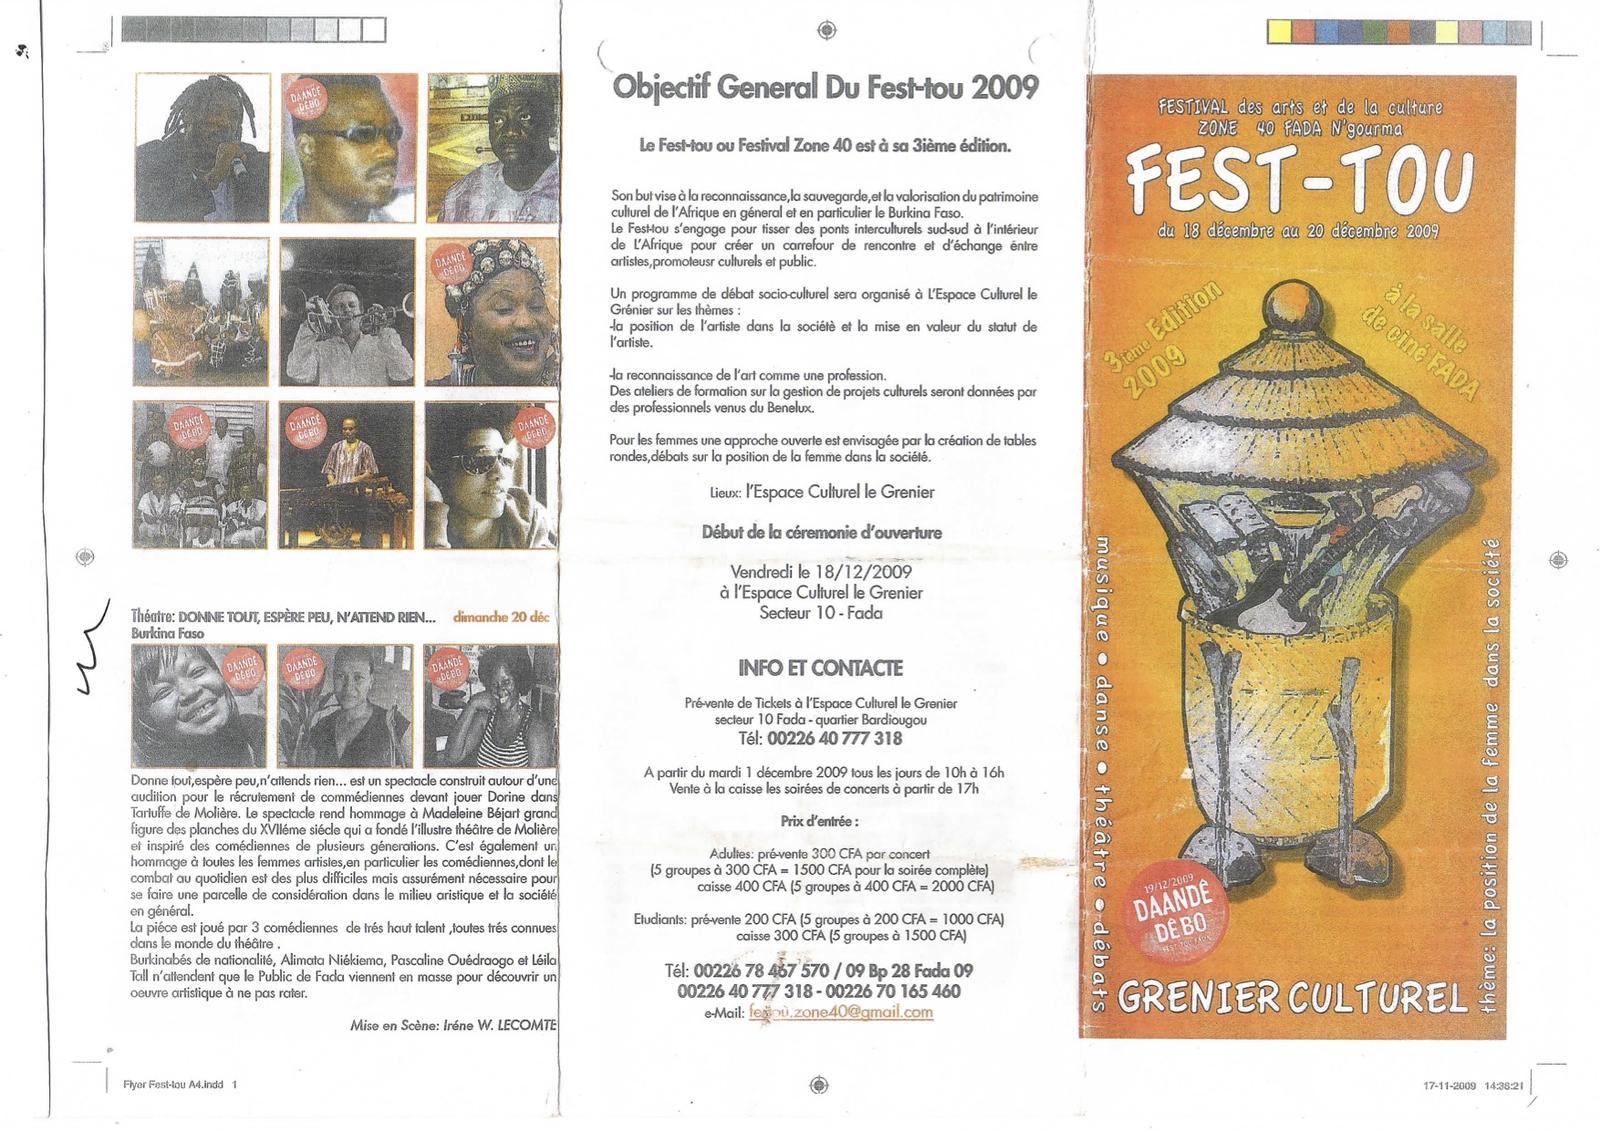 Programme du Fest-tou (18 au 20 décembre 2009)